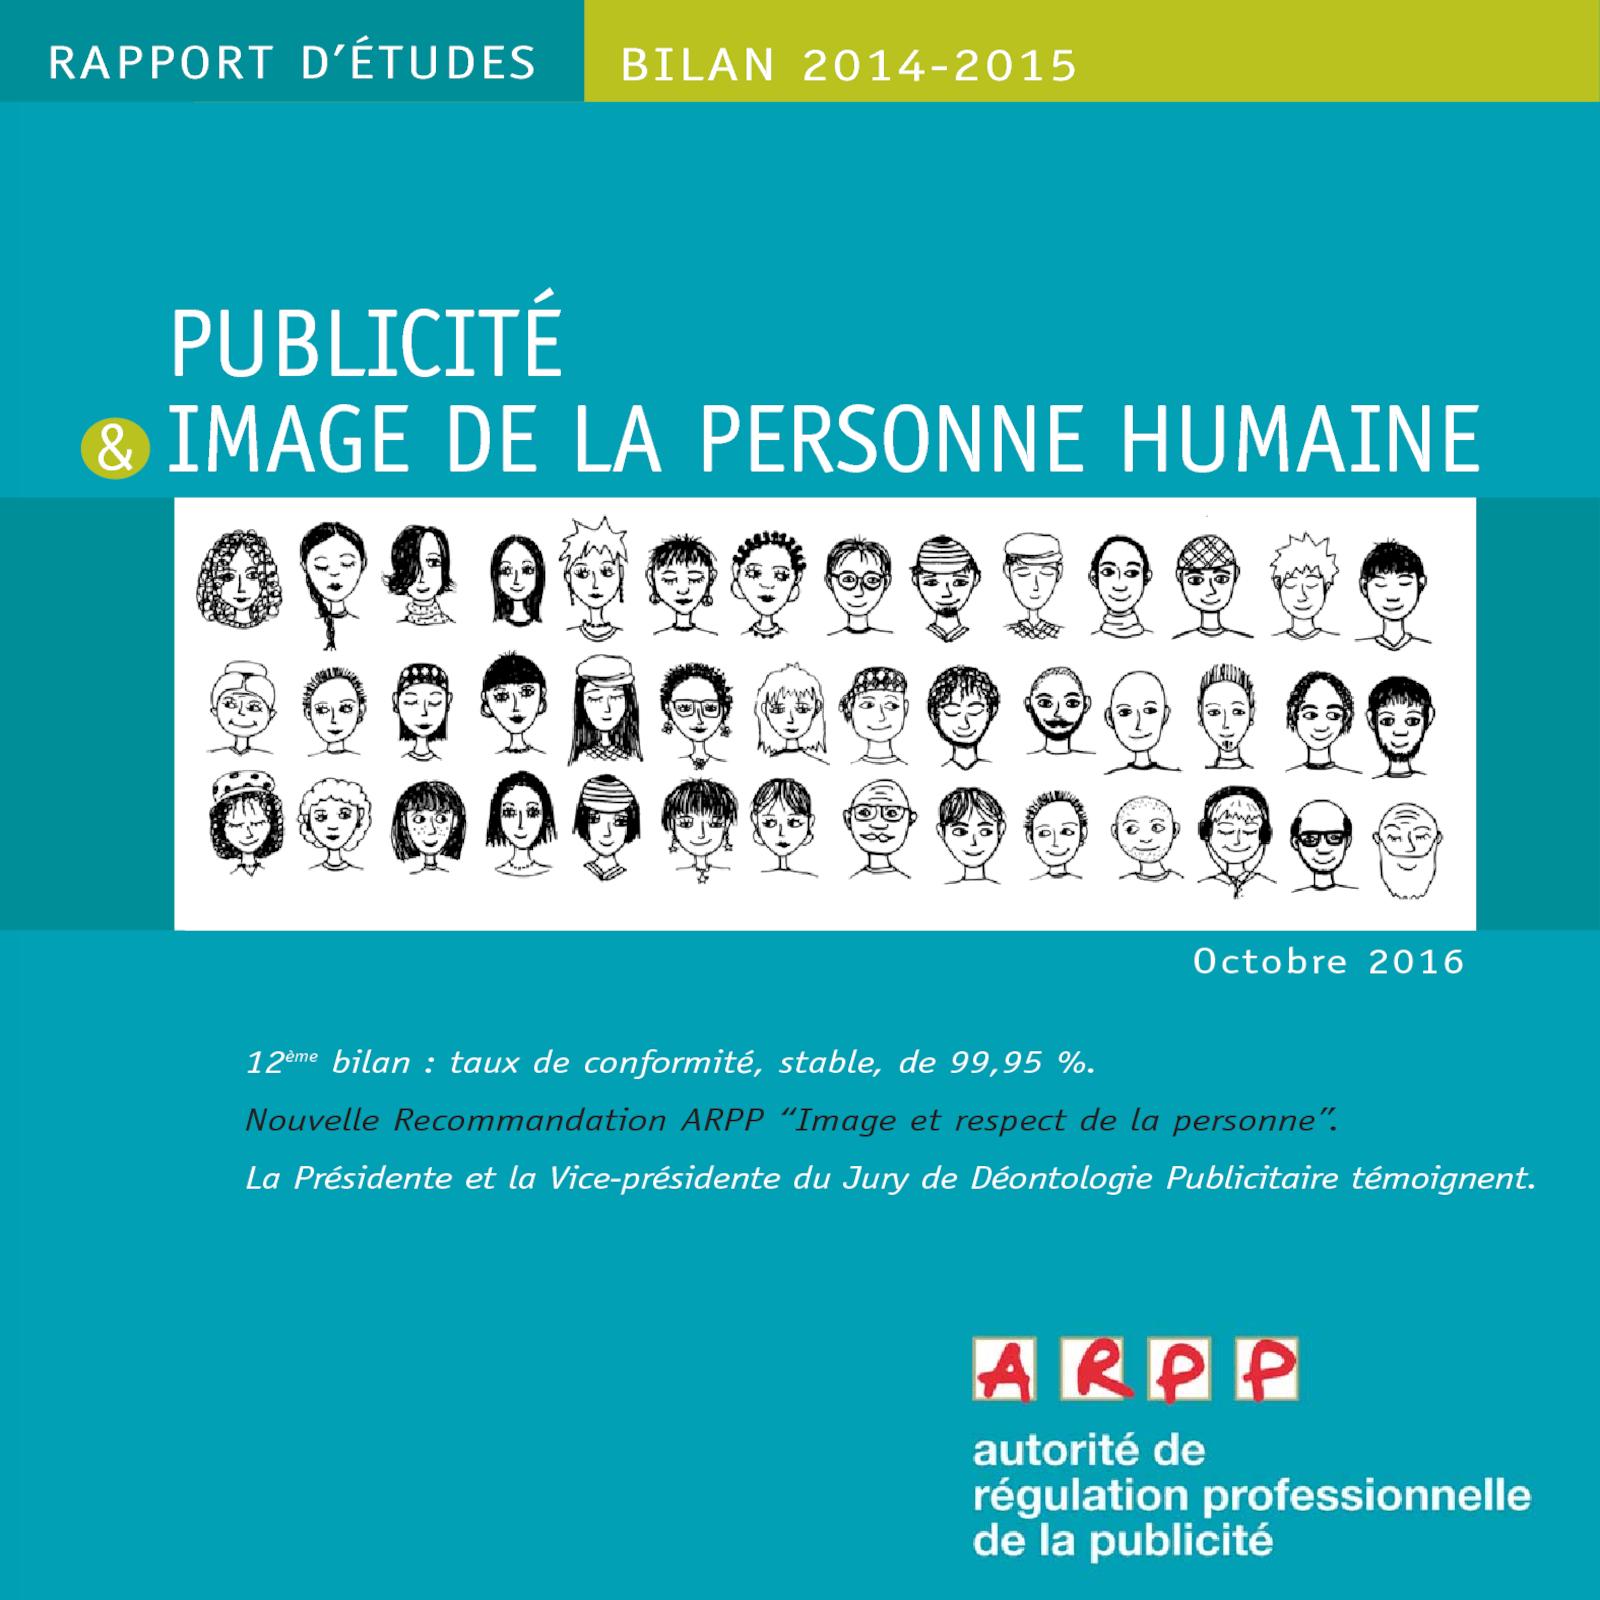 Bilan Publicité et Image de la personne humaine 2014 -2015